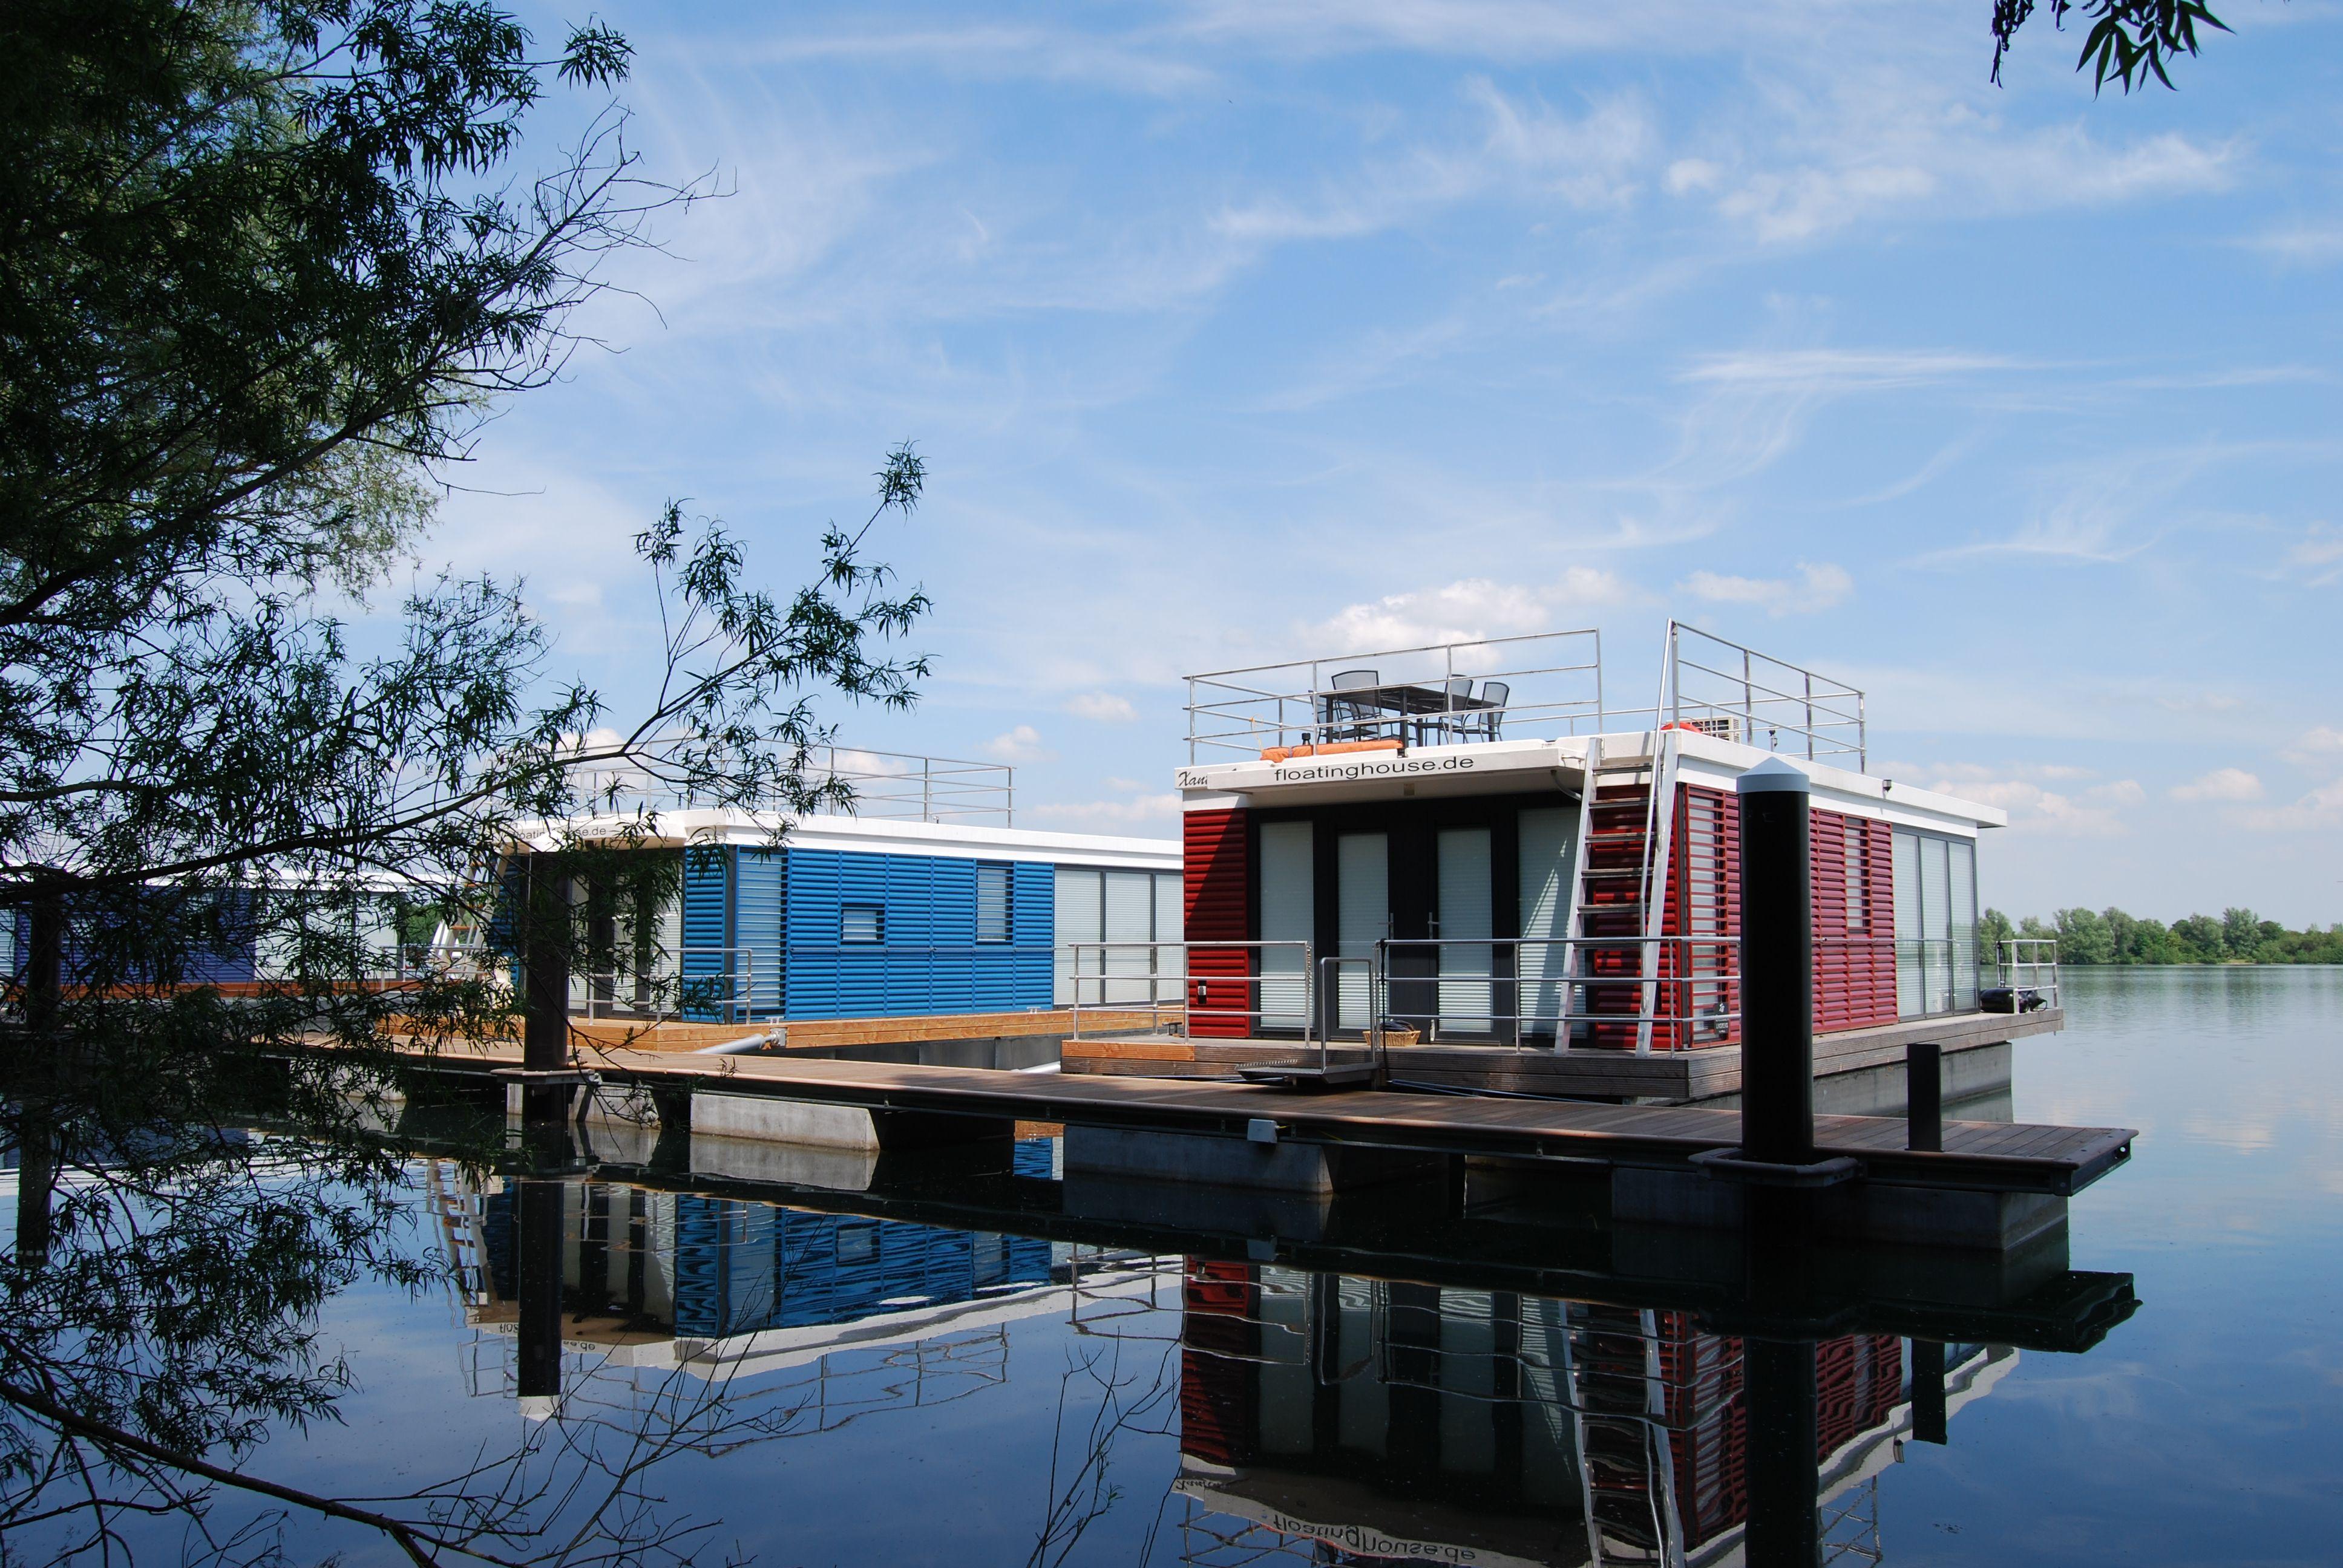 Hausboot Kurzurlaub In Danemark Hausboot Hausboot Mieten Haus